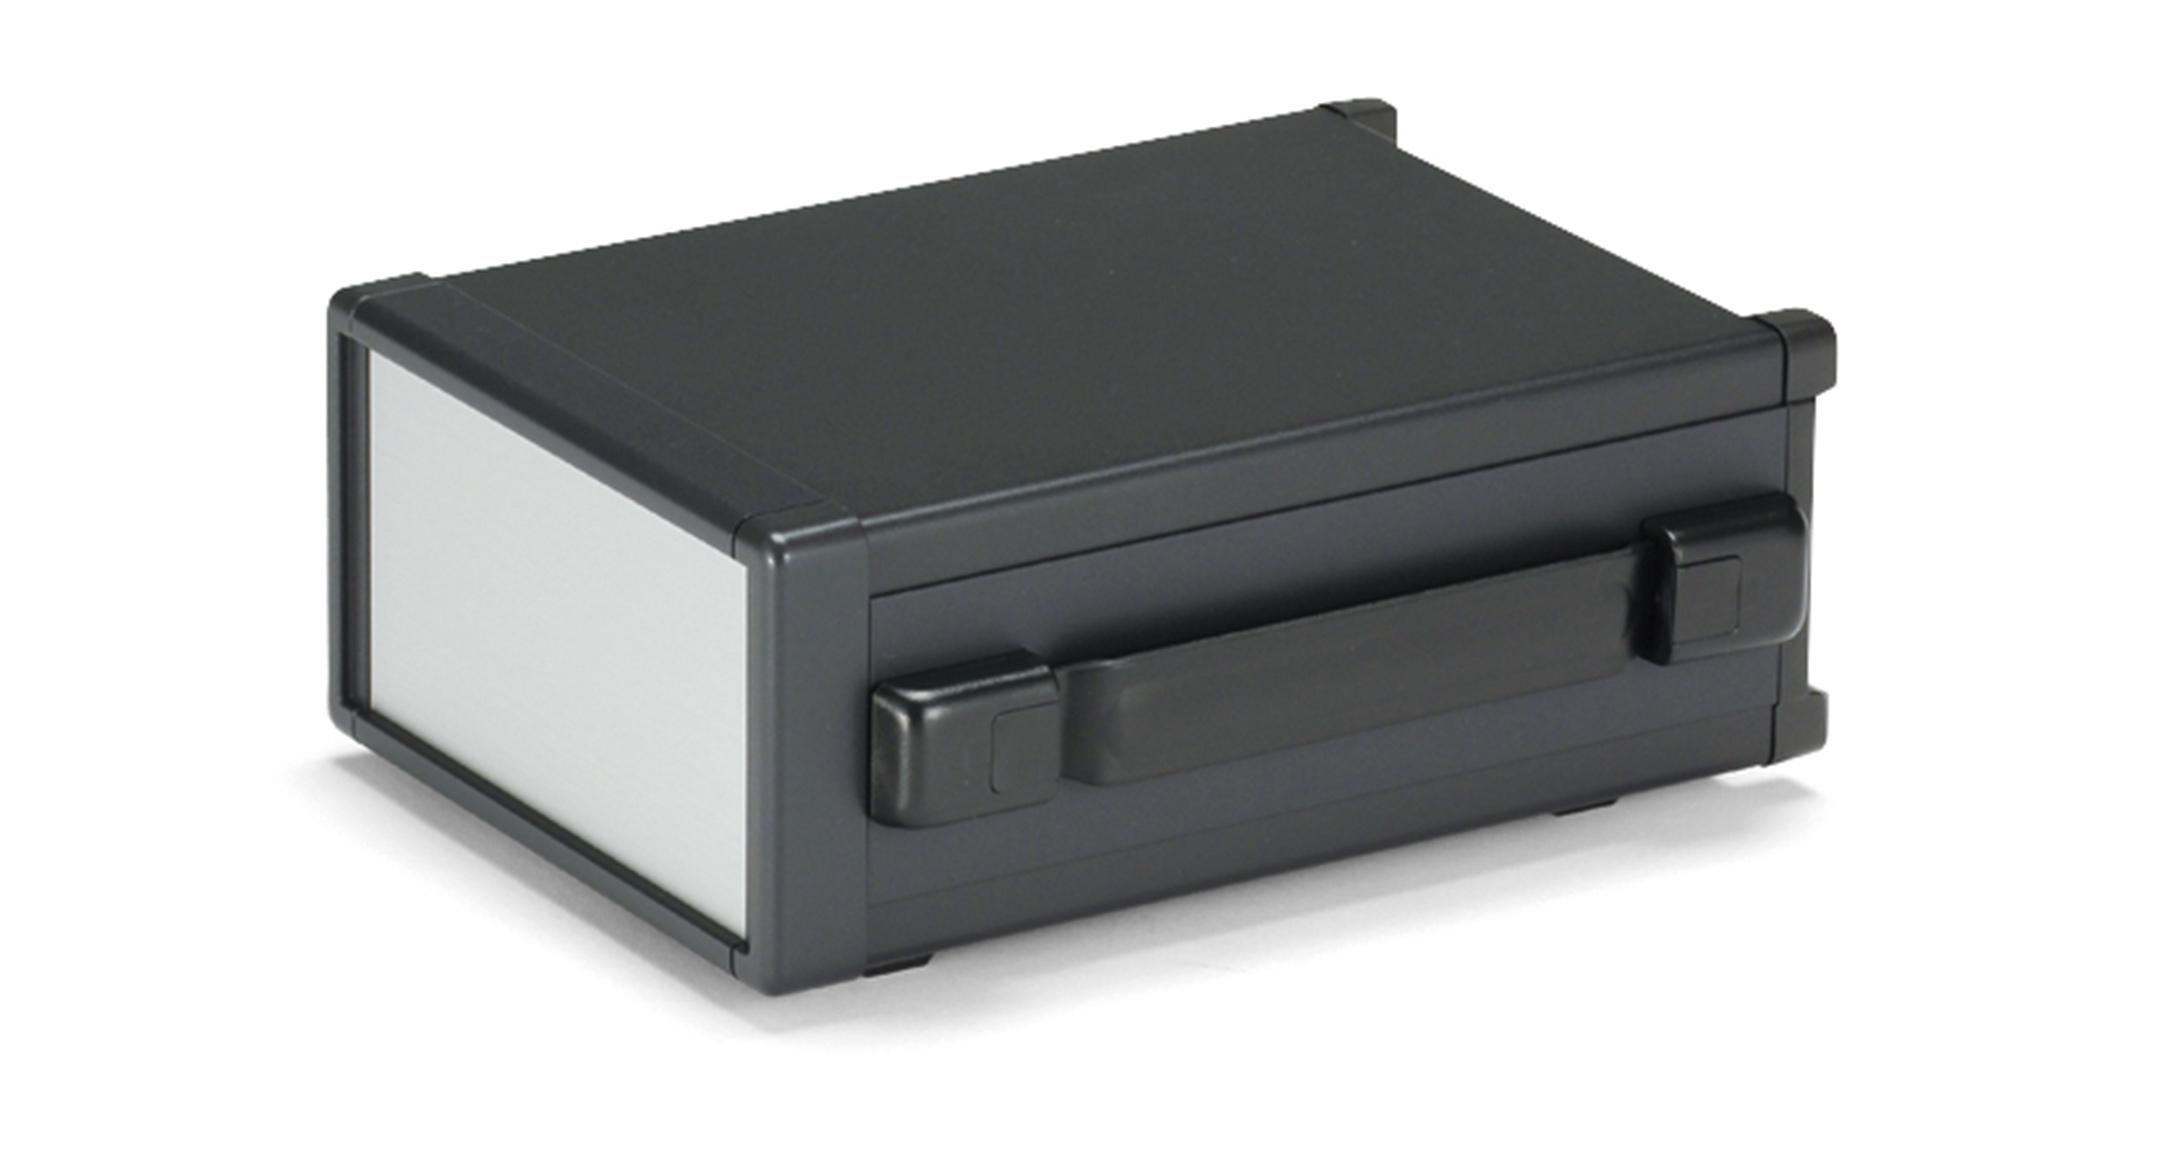 バンド取手付アルミシステムケース MOYシリーズ(上下カバーアルミ製):ブラック/シルバーの画像